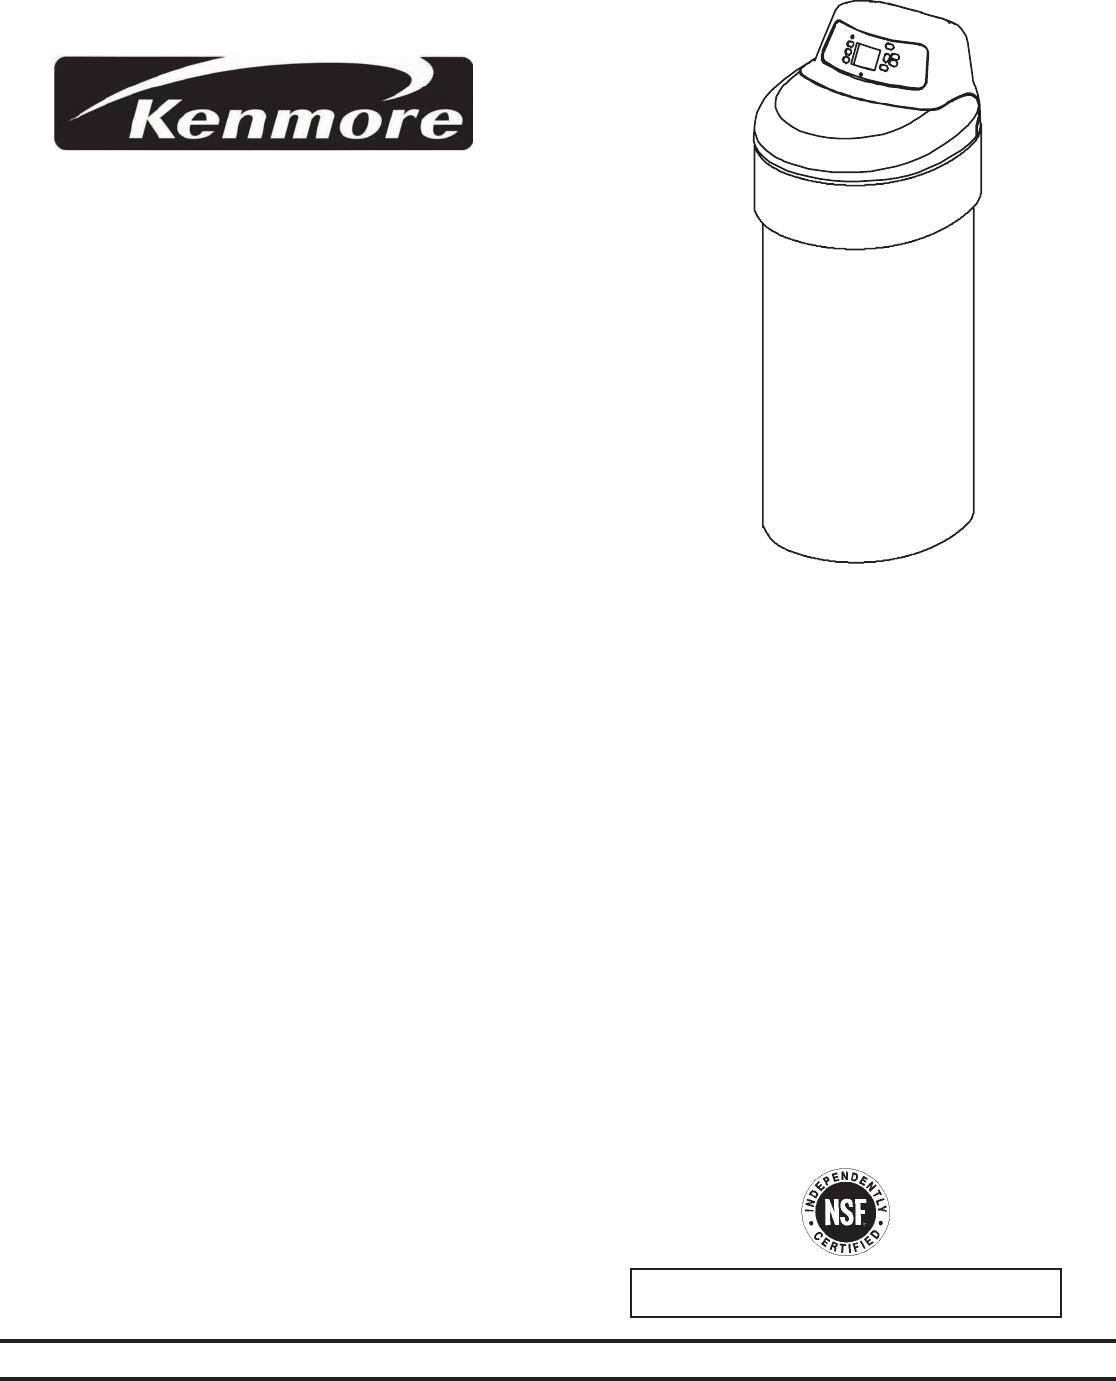 Kenmore 370 Series Water Softener Manual